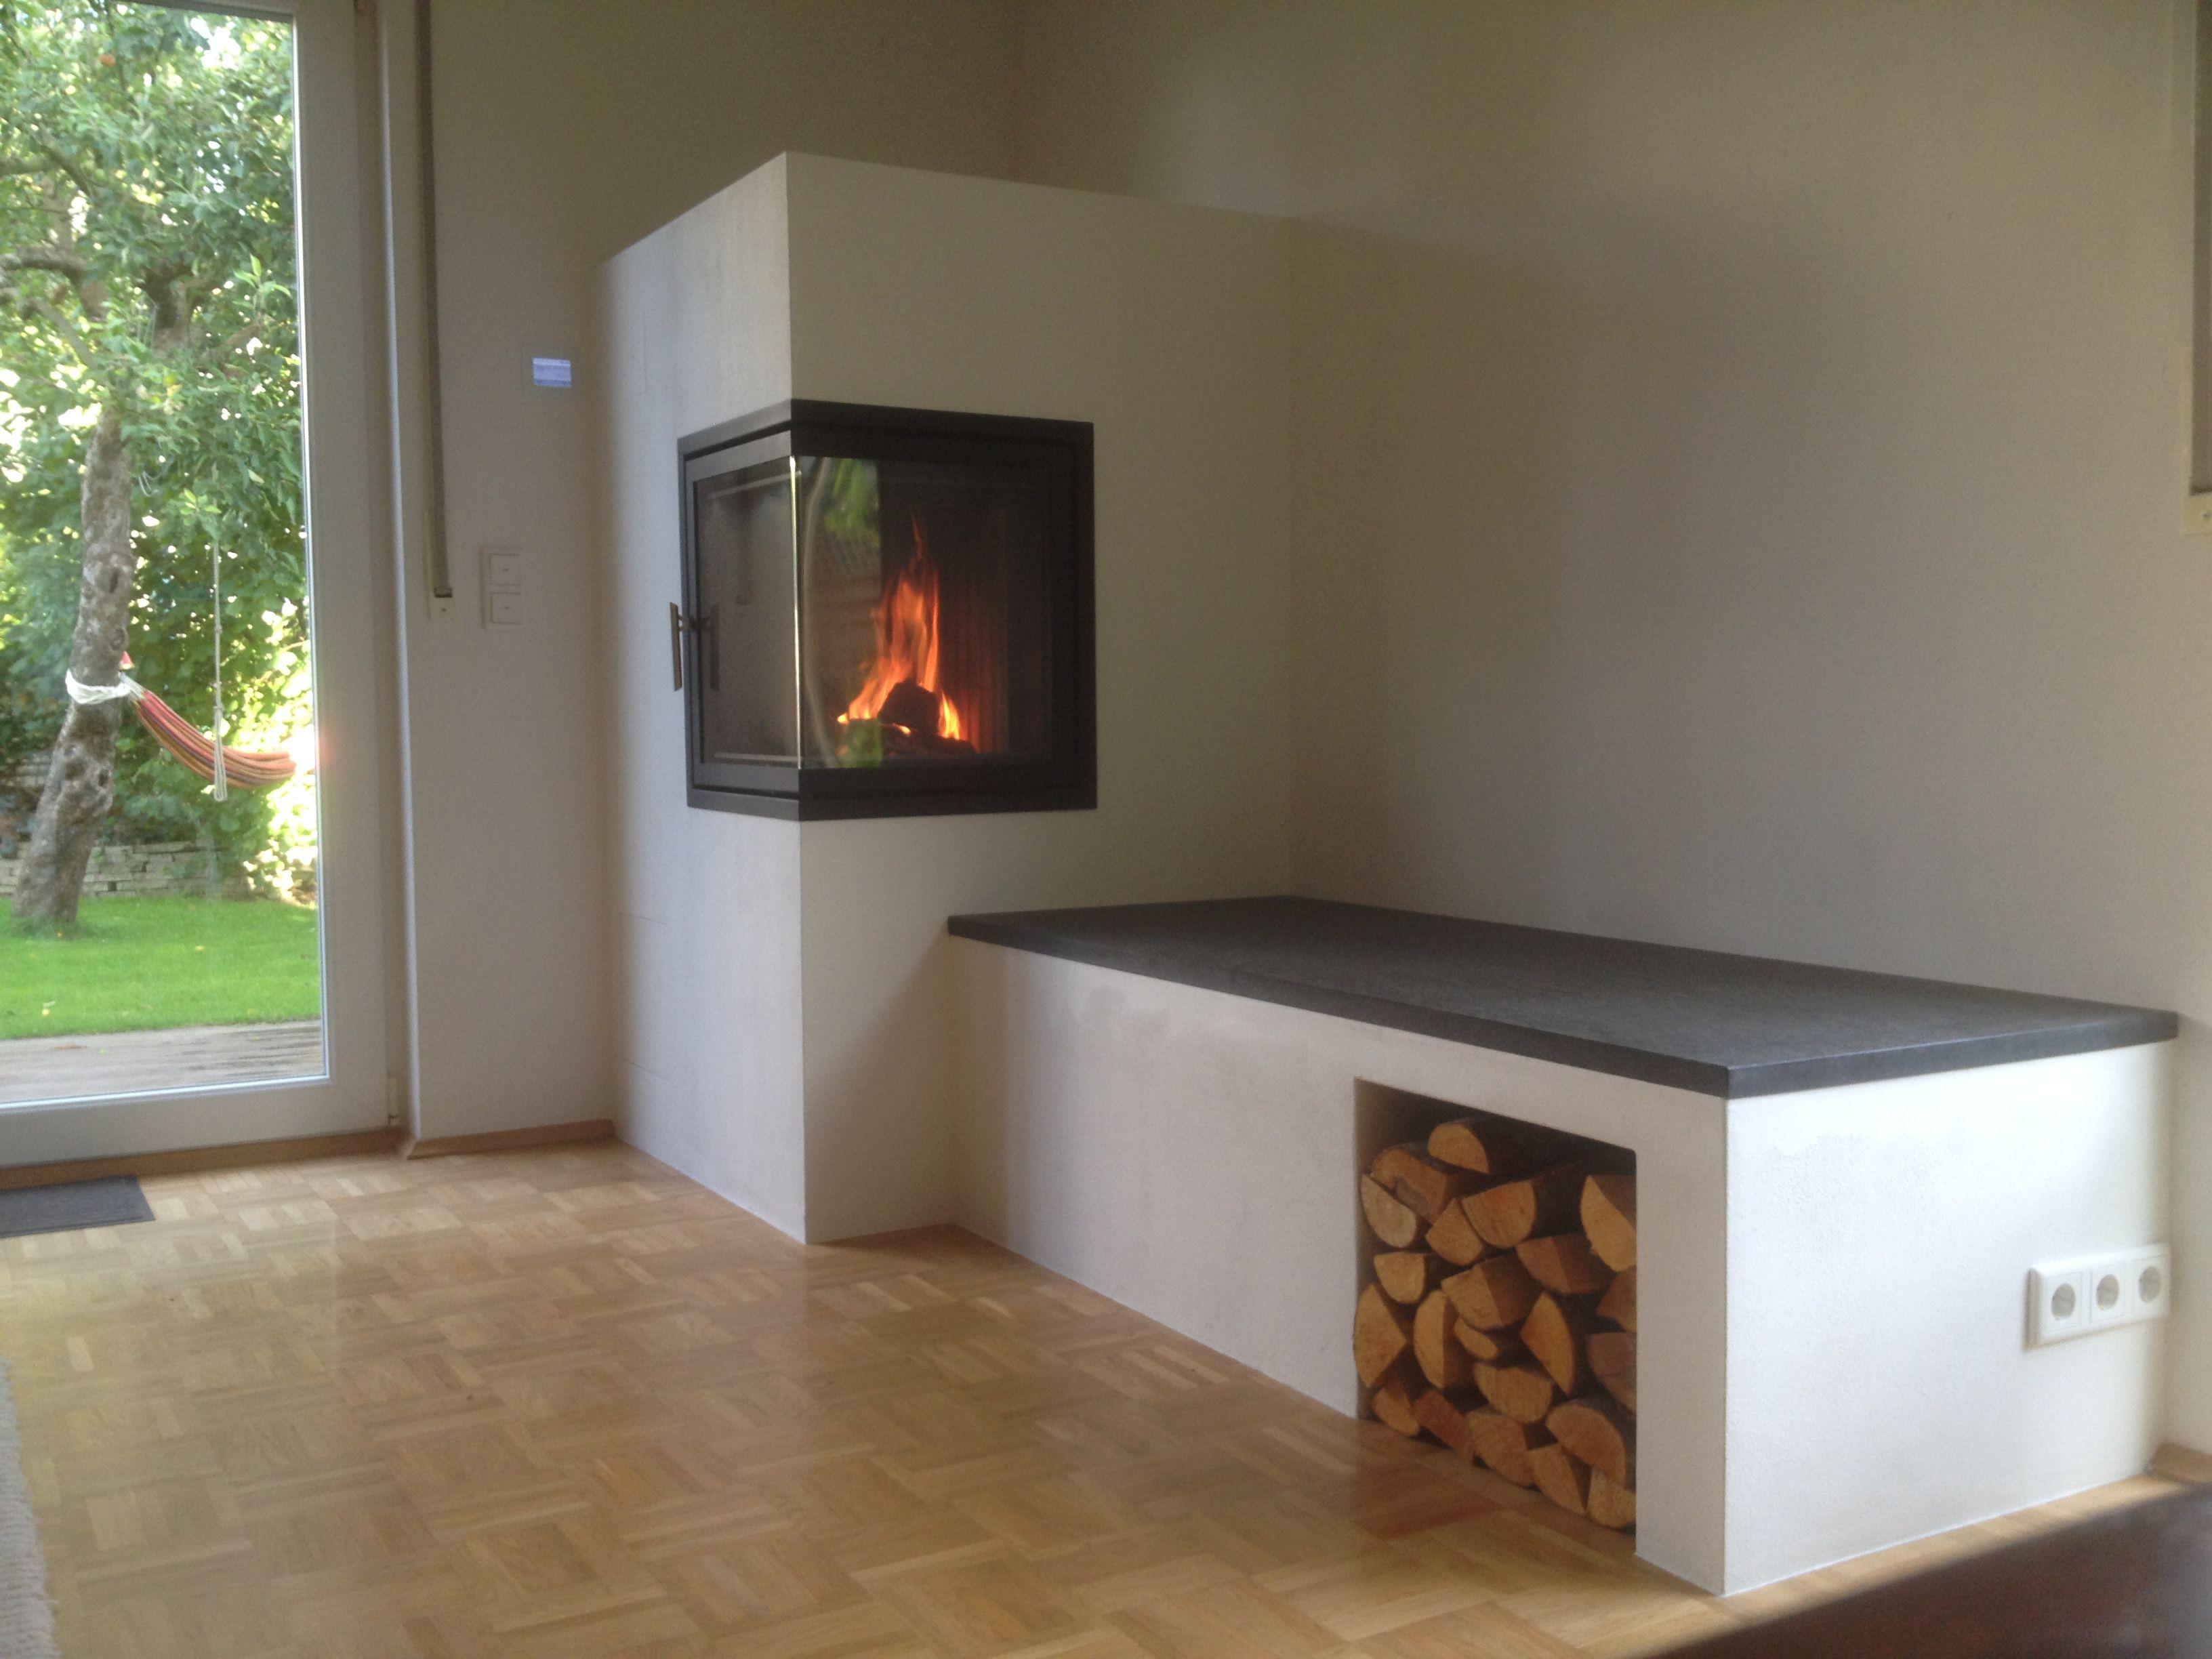 Gemauerter Grundofen In Pulheim Bei Koeln Mit Beheizter Granit Sitzbank Grundofen Ofen Wohnzimmer Kamin